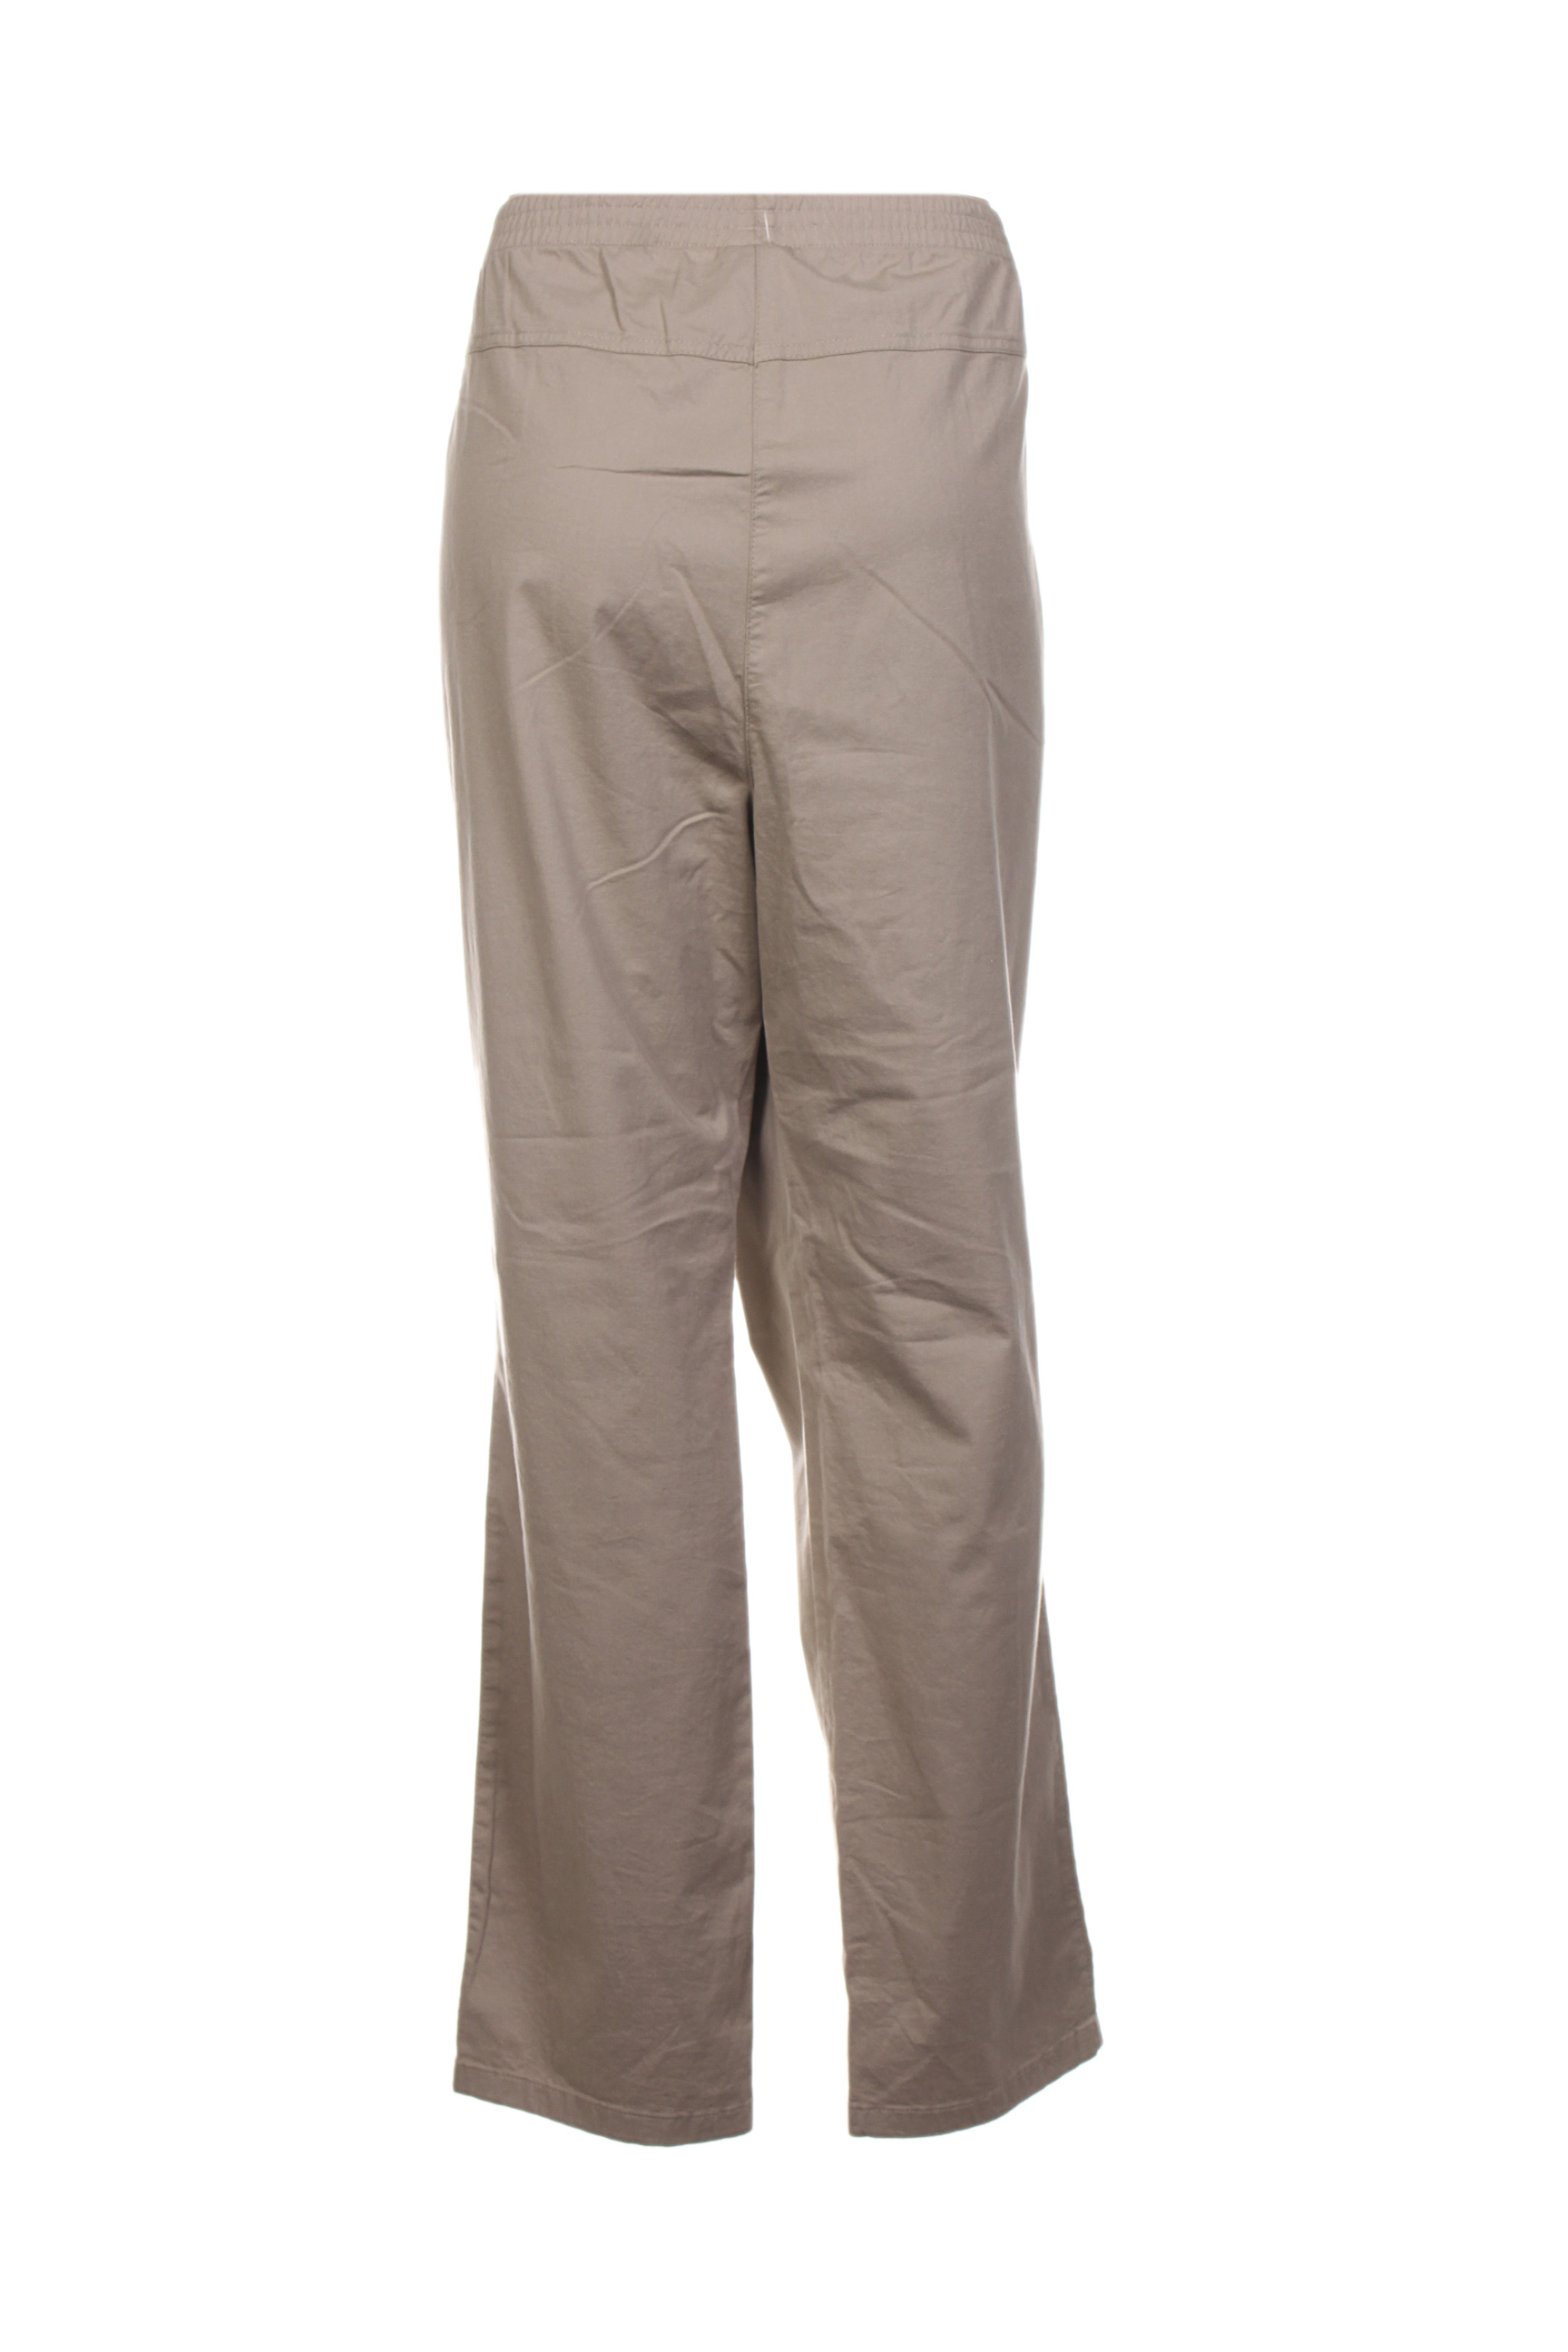 Stark Pantalons Decontractes Femme De Couleur Beige En Soldes Pas Cher 1411024-beige0